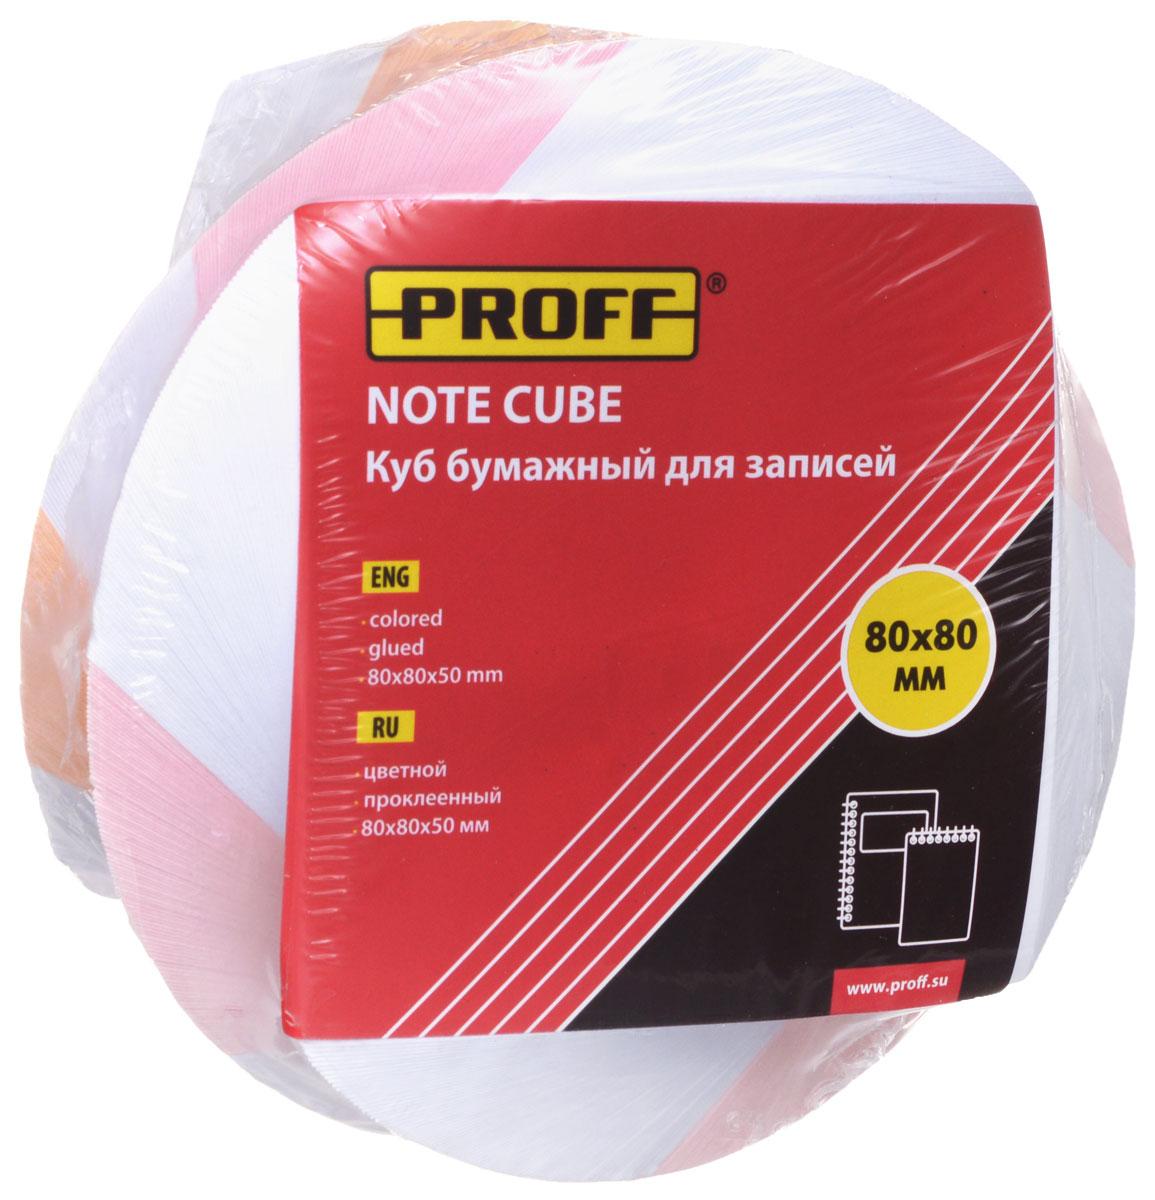 Proff Блок для записей цвет оранжевый розовый белый72523WDПроклеенный блок для записей Proff - практичное решение для оперативной записи информации в офисе или дома. Блок состоит из листов разноцветной бумаги, что помогает лучше ориентироваться во множестве повседневных заметок.А яркий блок-кубик на вашем рабочем столе поднимет настроение вам и вашим коллегам!